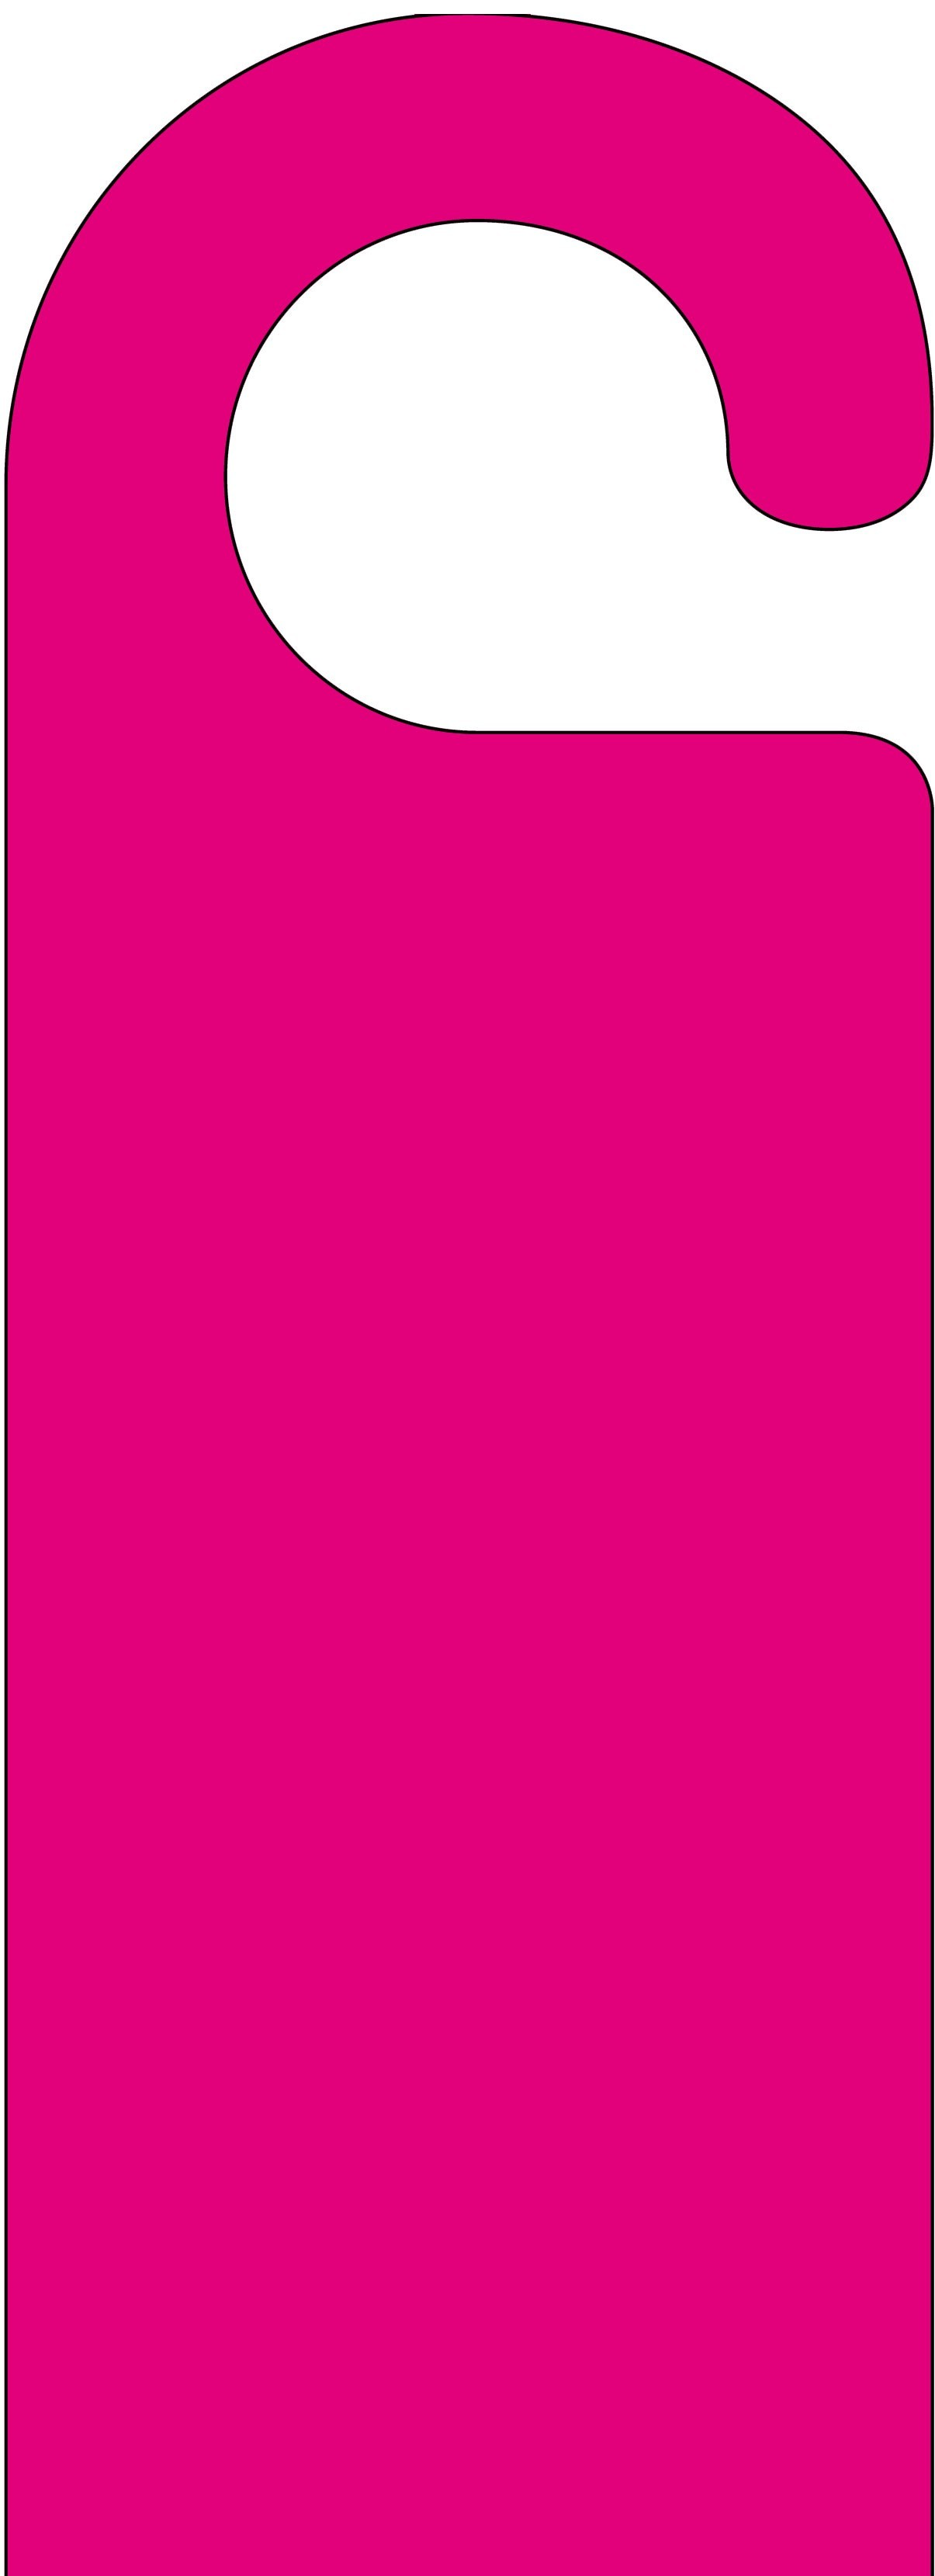 Custom Card Template uk id card template : Home / Door Hanger Categories / Plain Door Hangers / Pink Door Hanger